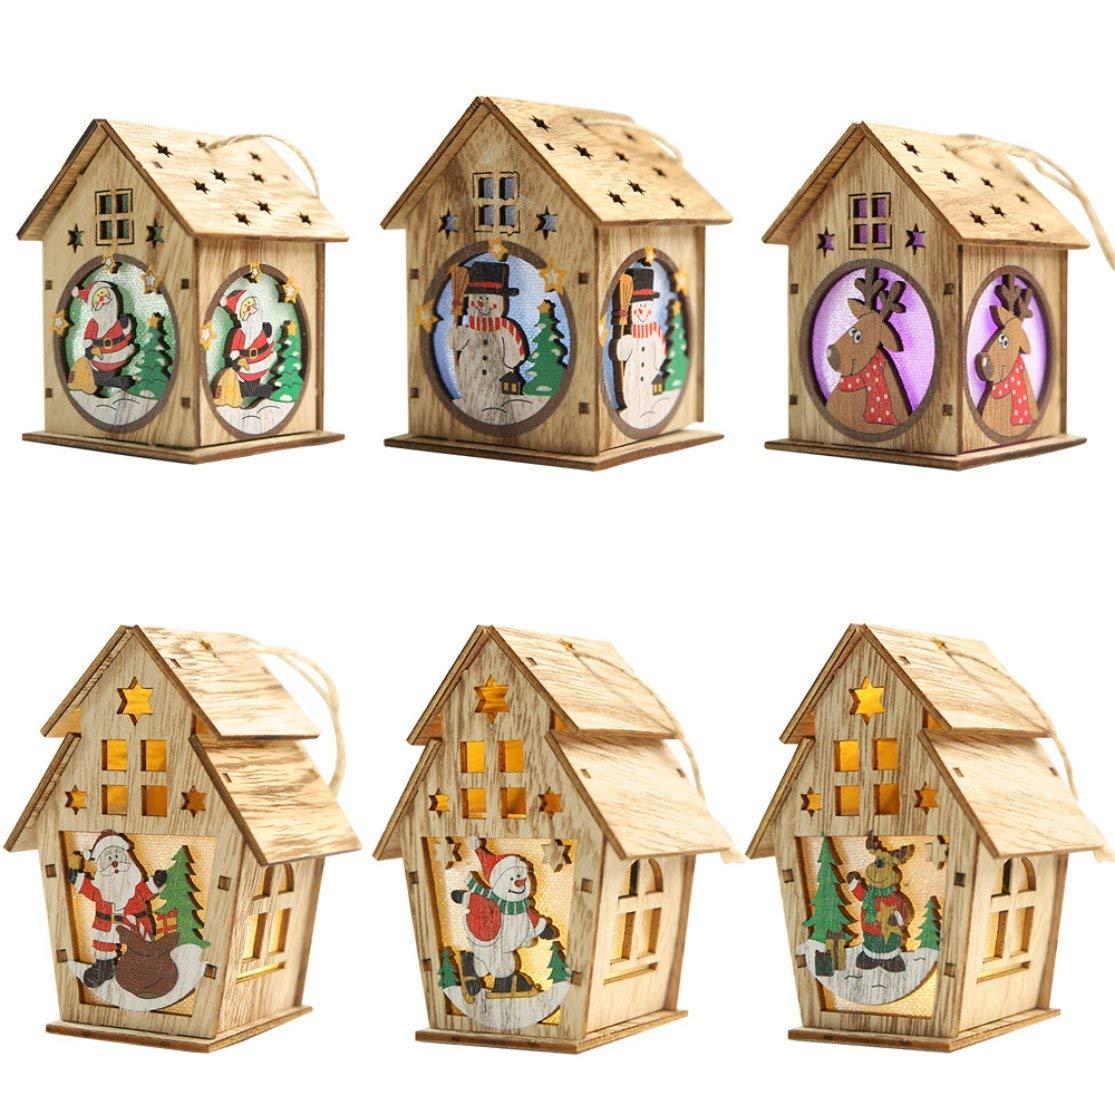 Candybarbar Decorazioni Natalizie in Legno Nuove luci Cabina con luci Pendente Albero di Natale Ornamenti Fai da Te Piccola casa